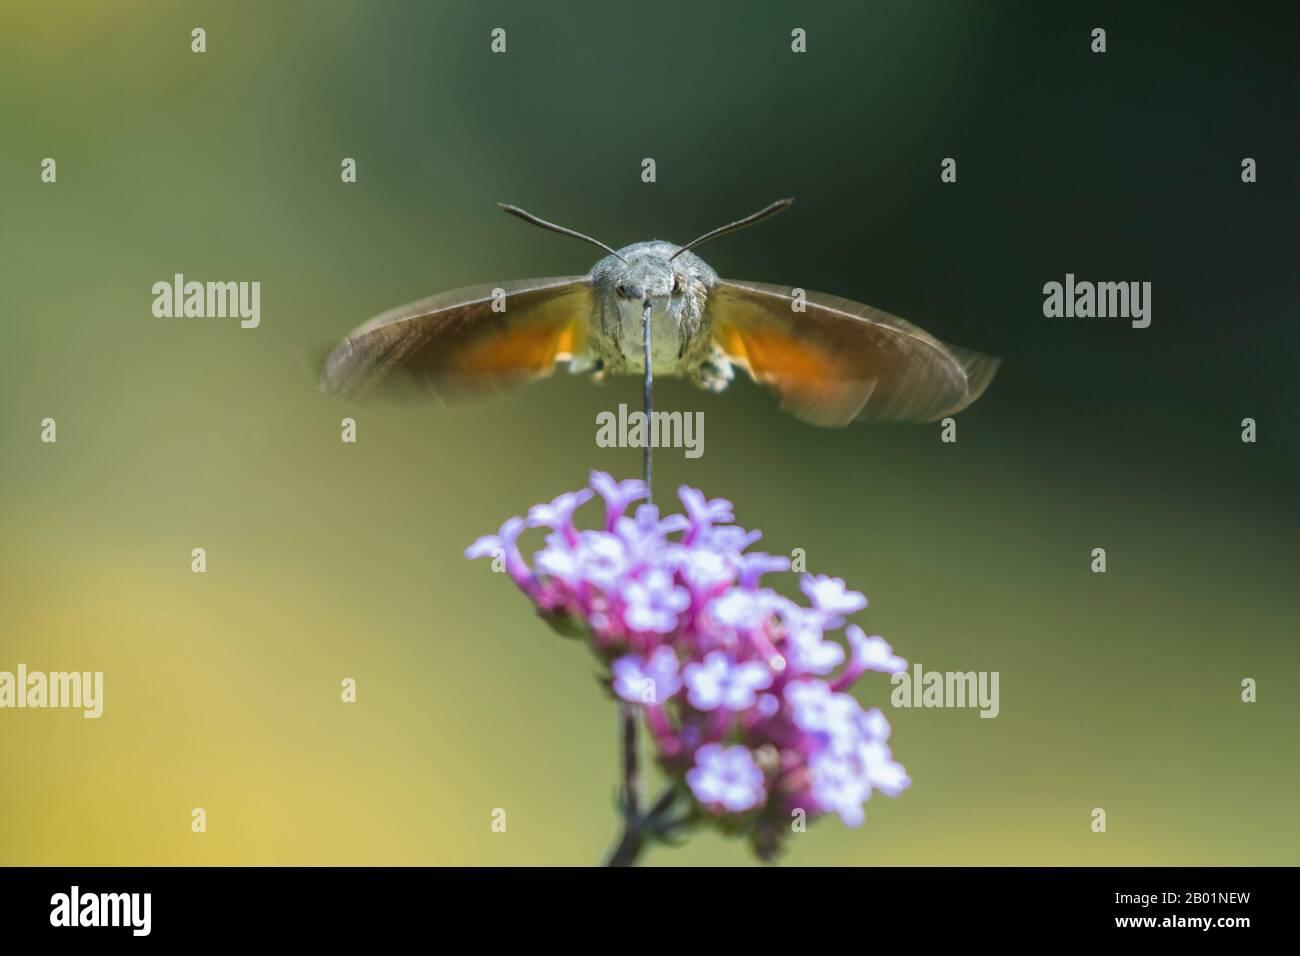 Hummingbird Hawkmoth (Macroglossum stellatarum), che si librano su un fiore e succhiare nettare nettare, Germania, Baviera, Niederbayern, Bassa Baviera Foto Stock